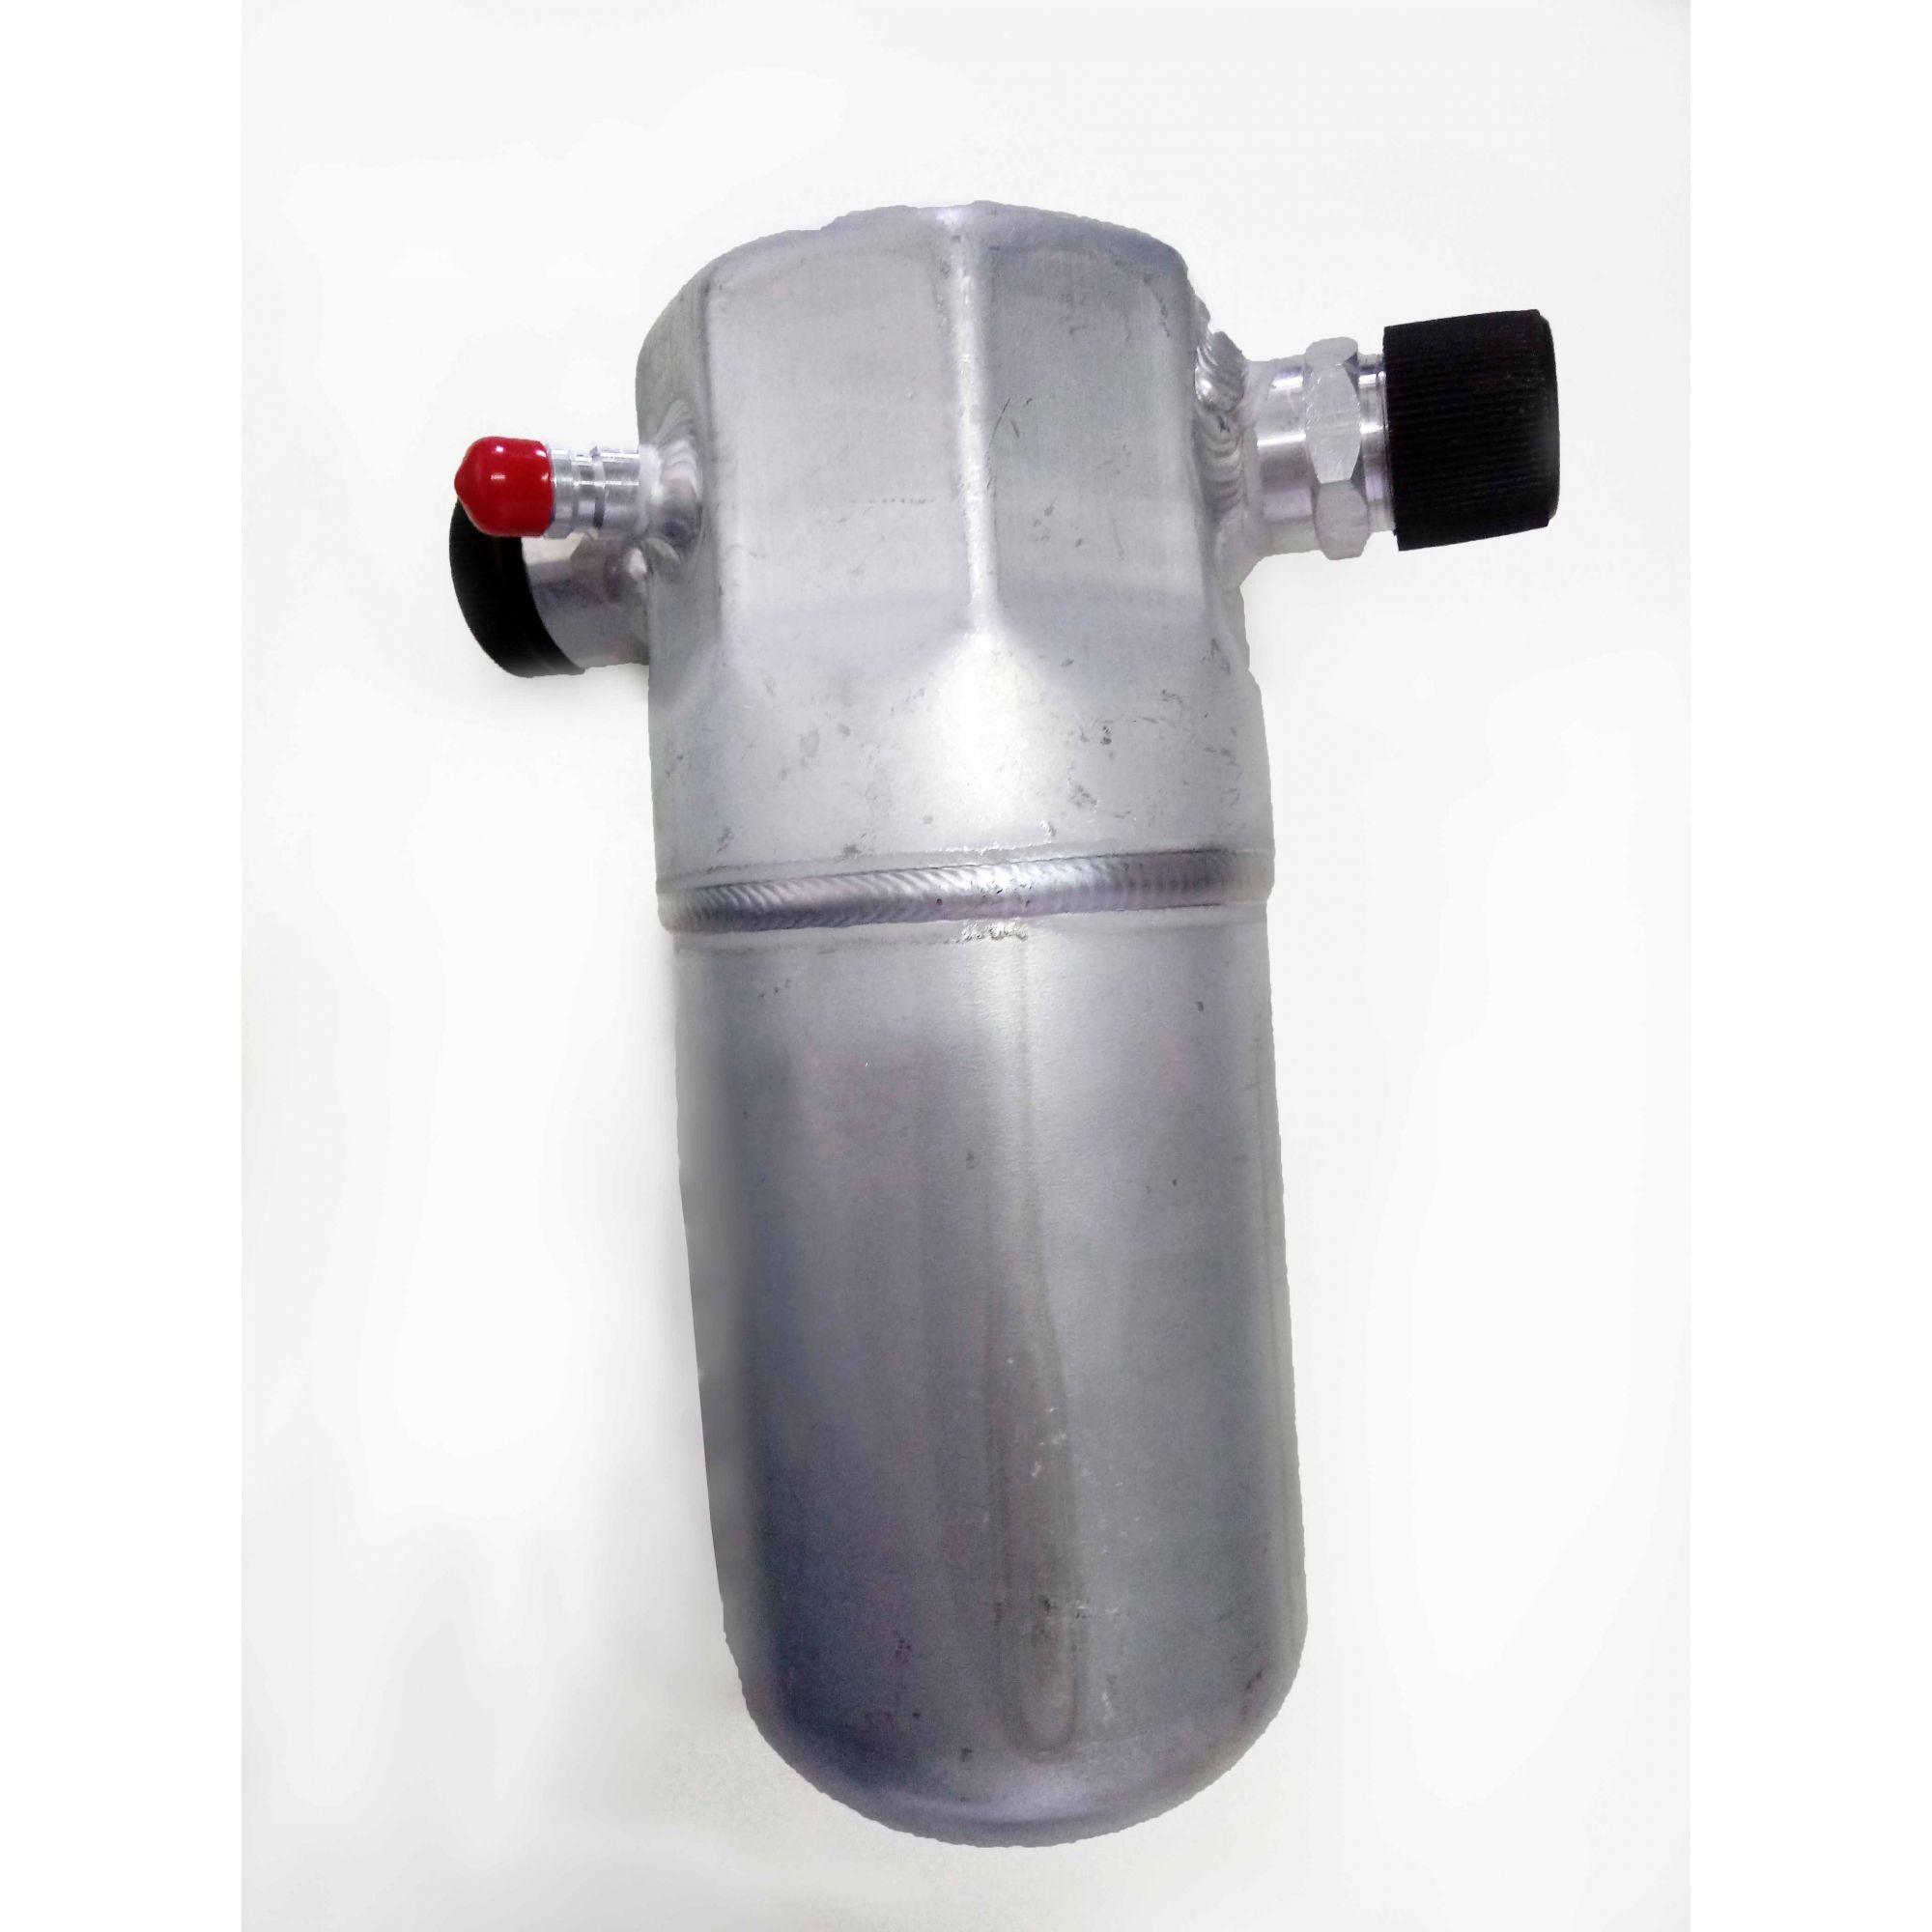 Filtro Acumulador S-10 2.2 2.8 E 4.3 Sem Pressostato